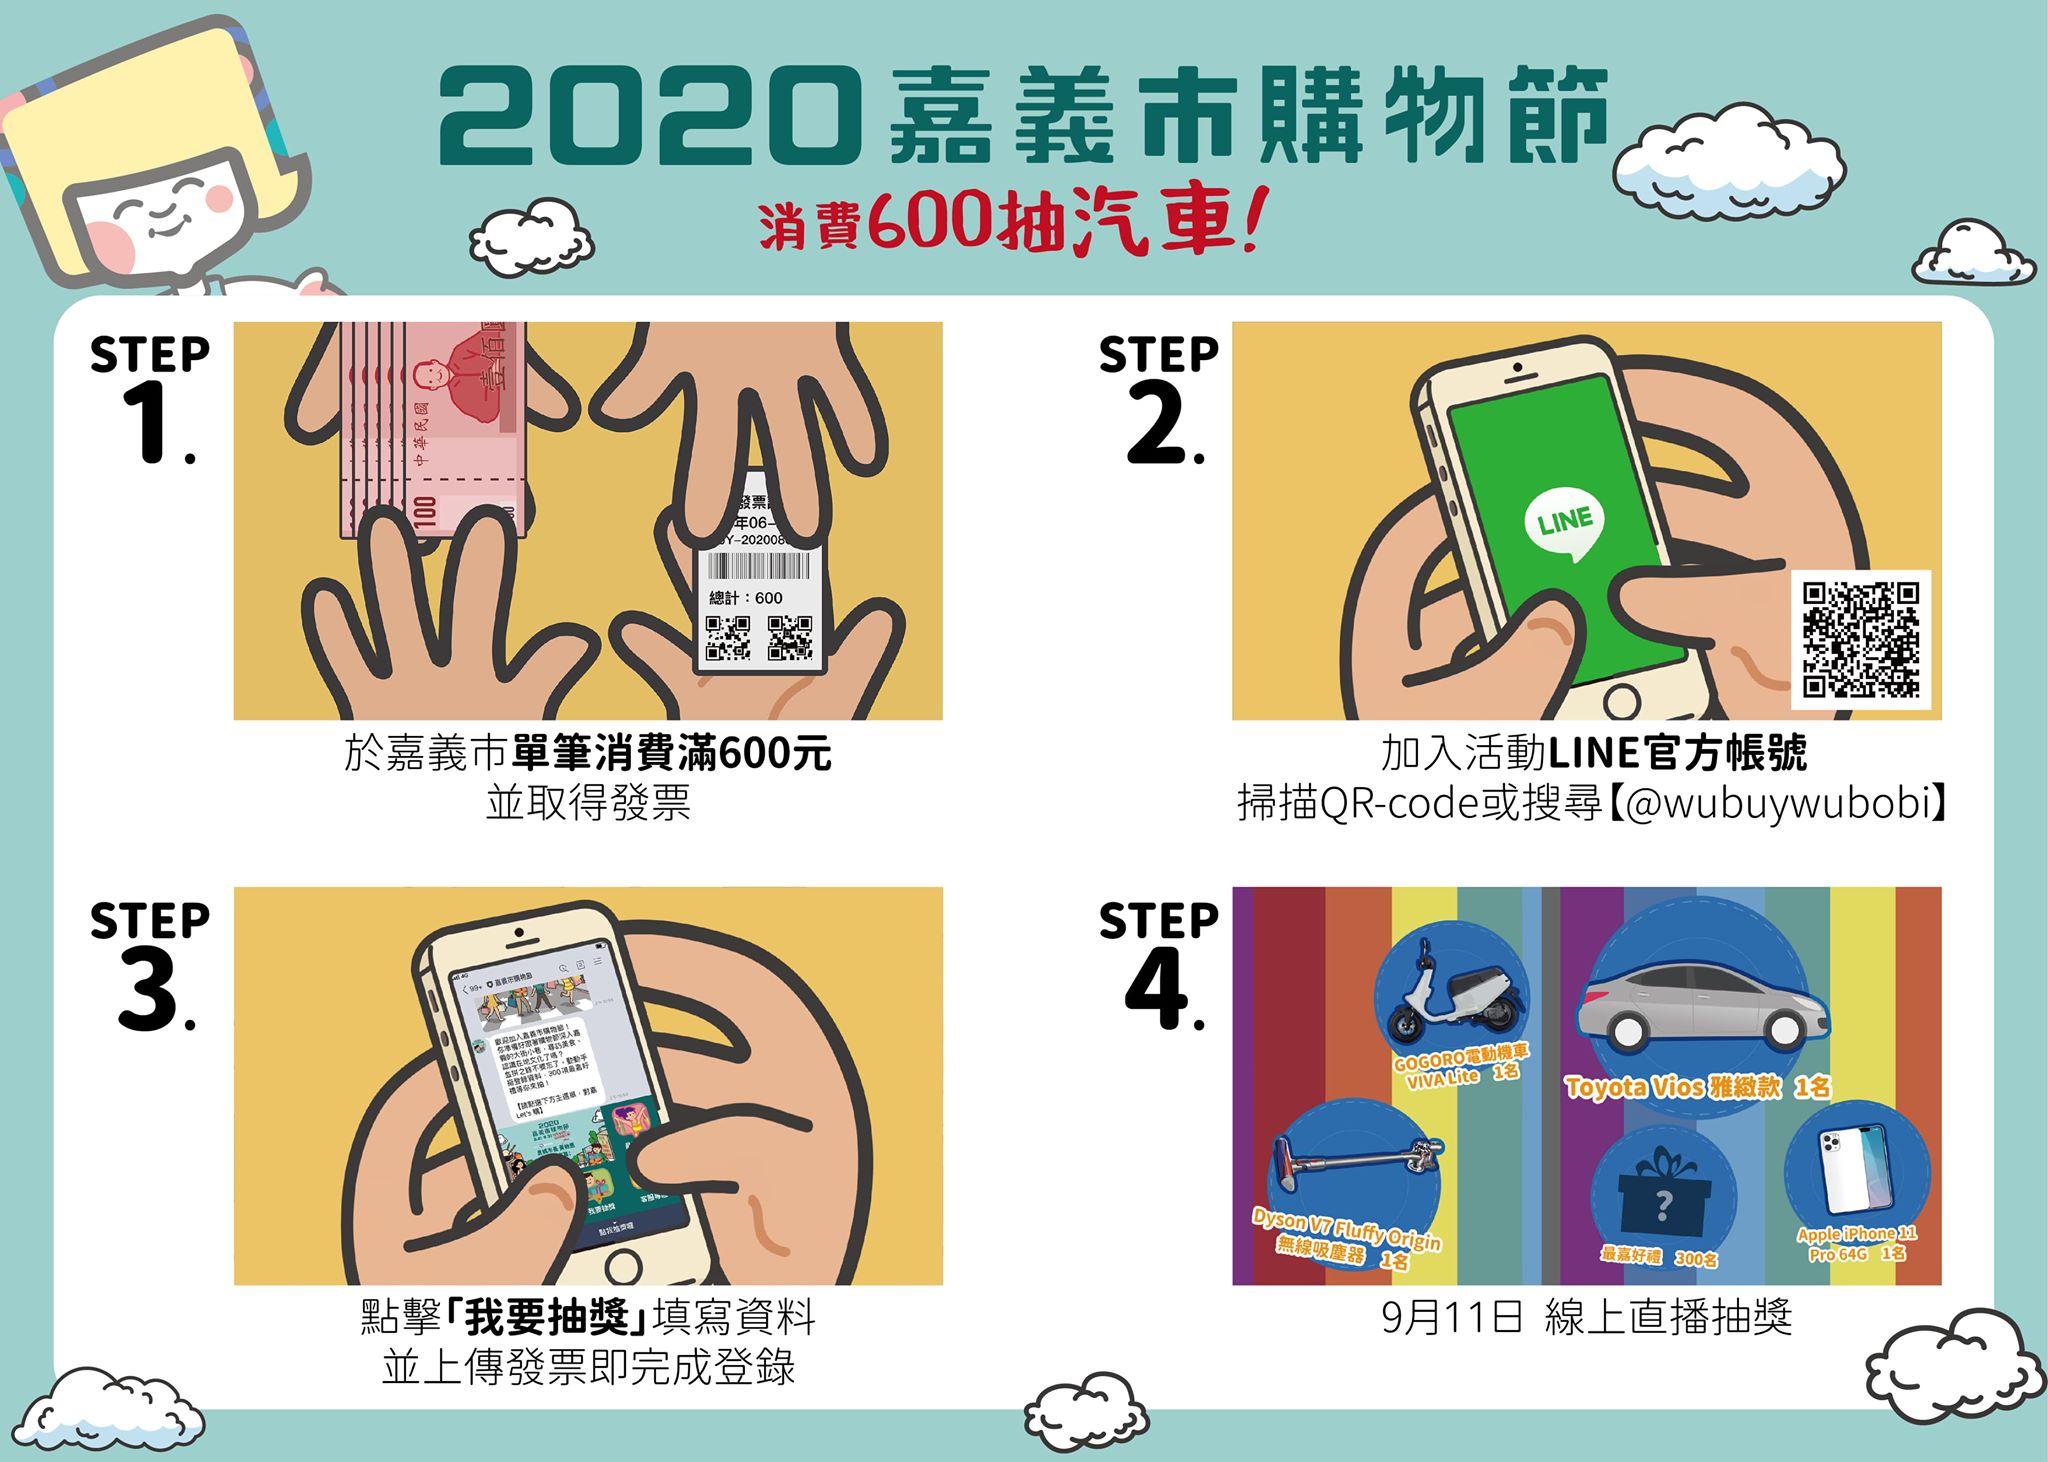 2020嘉義市購物節省很大,三倍券+安心旅遊補助,入住特約飯店再送600元嘉遊金!